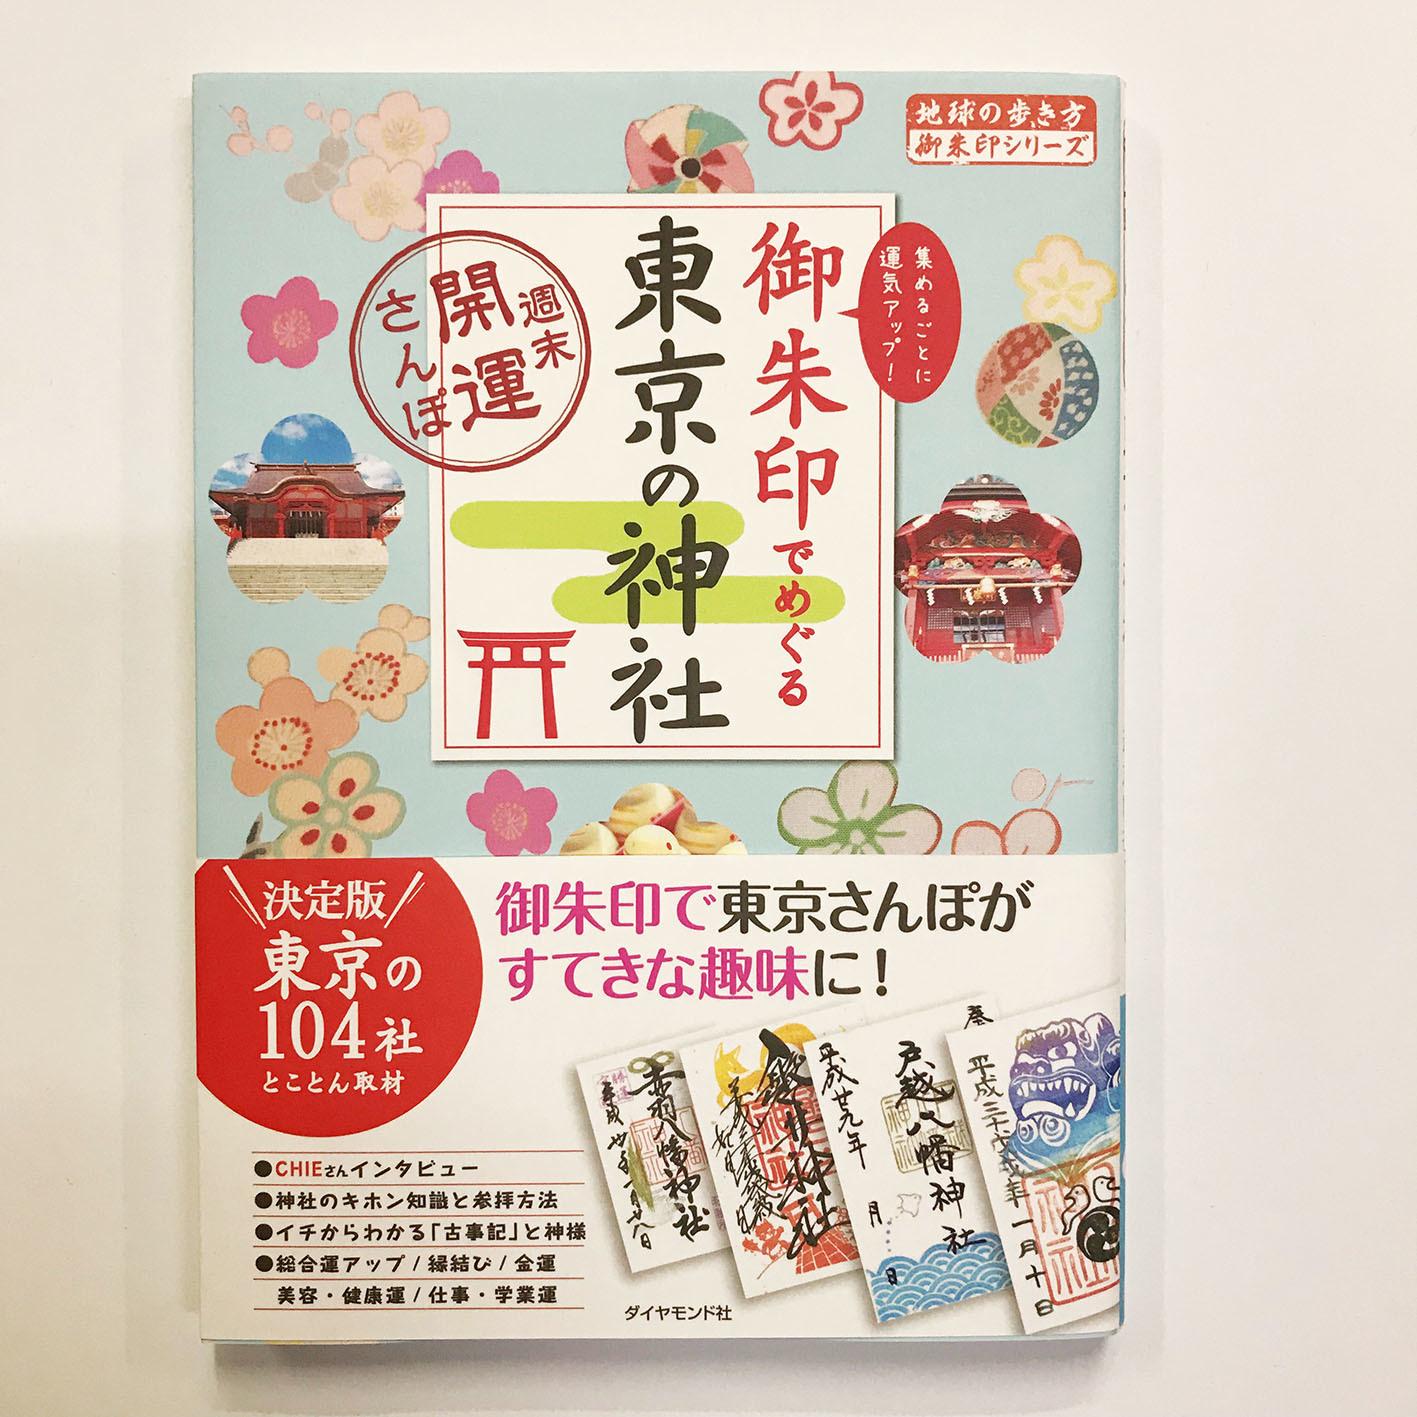 [WORKS]御朱印でめぐる東京の神社_c0141005_09331007.jpg